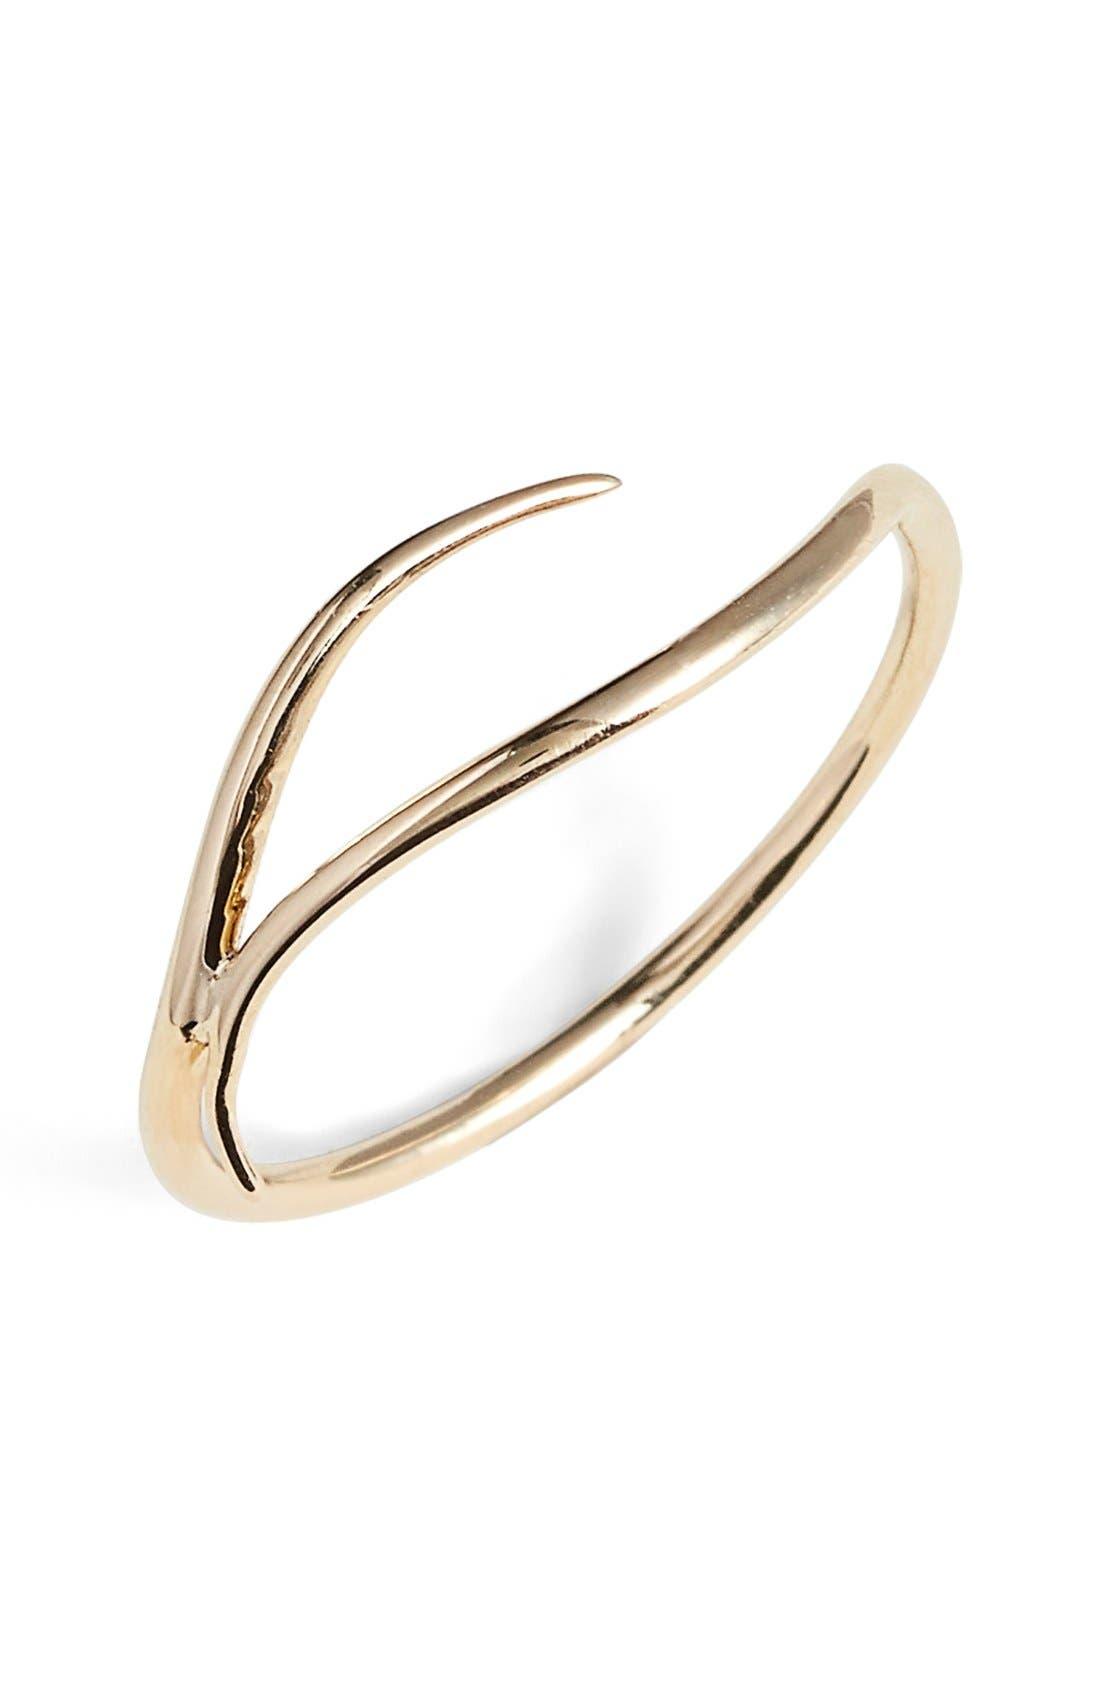 'Tenor' Gold Wave Ring,                             Main thumbnail 1, color,